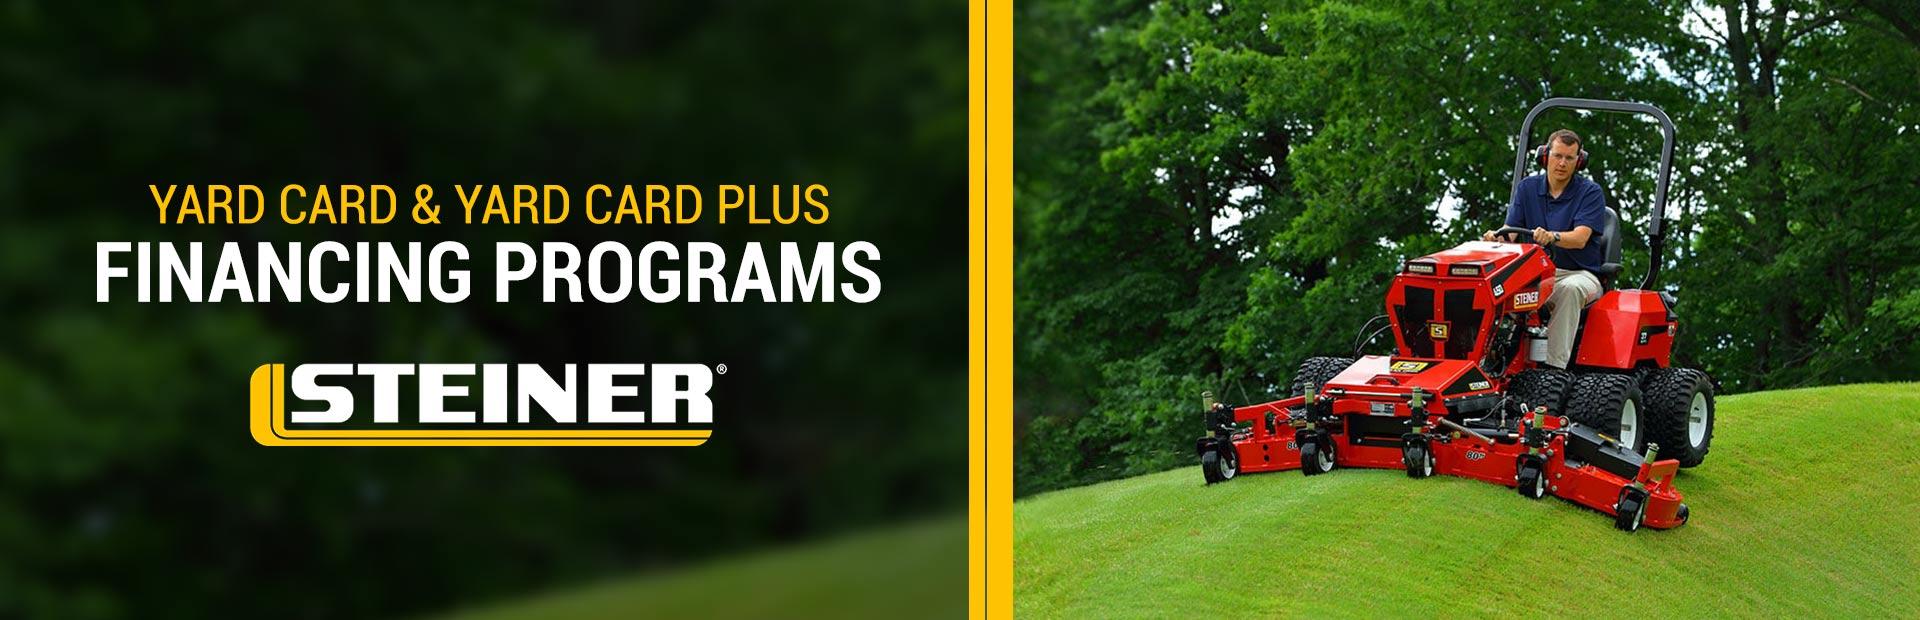 Steiner Yard Card And Plus Financing Programs Bair S